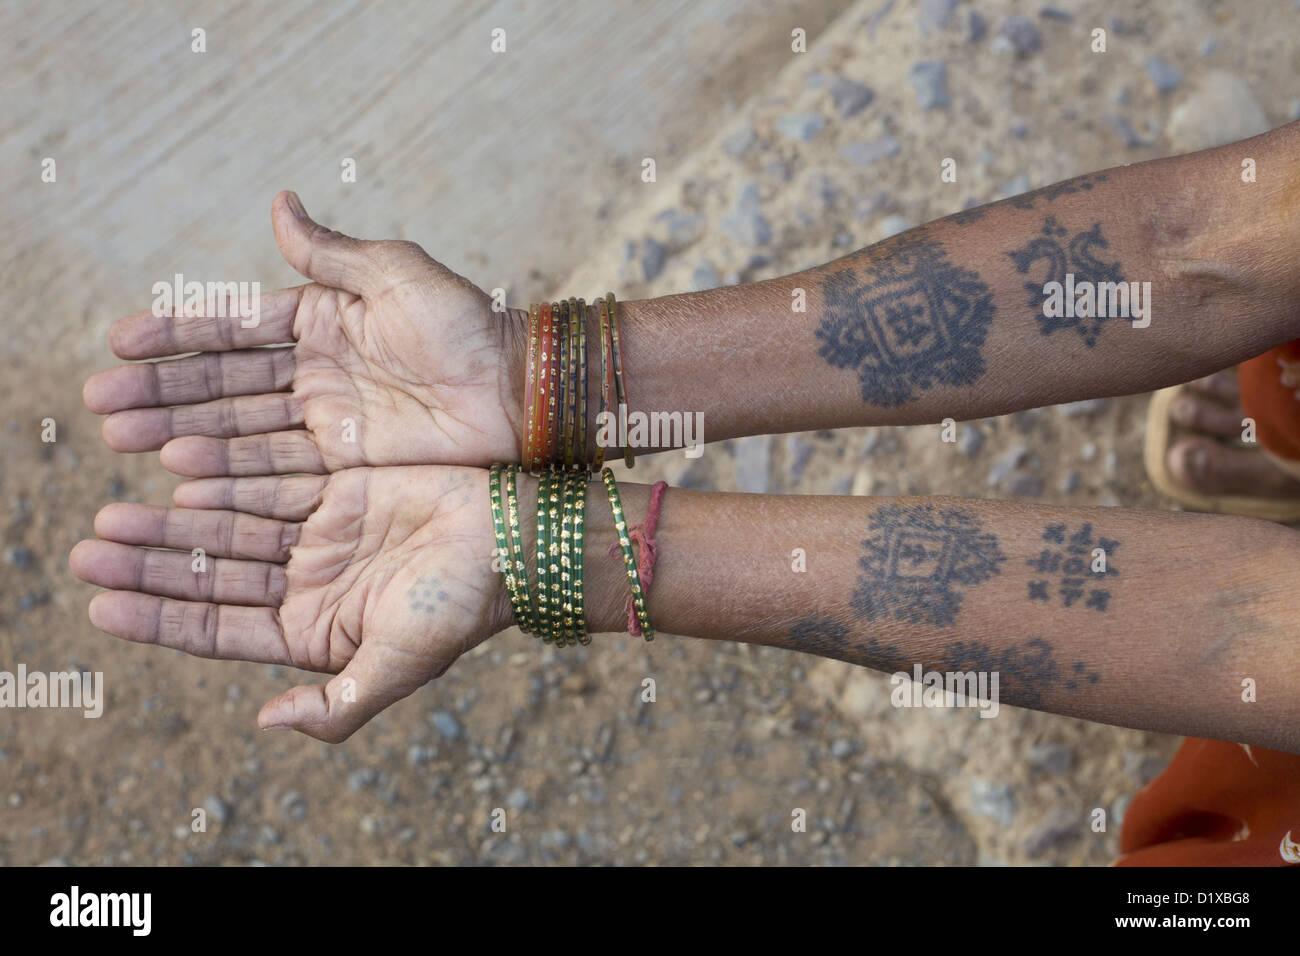 Tatouages Typique Sur Les Bras De La Femme De La Tribu Gond